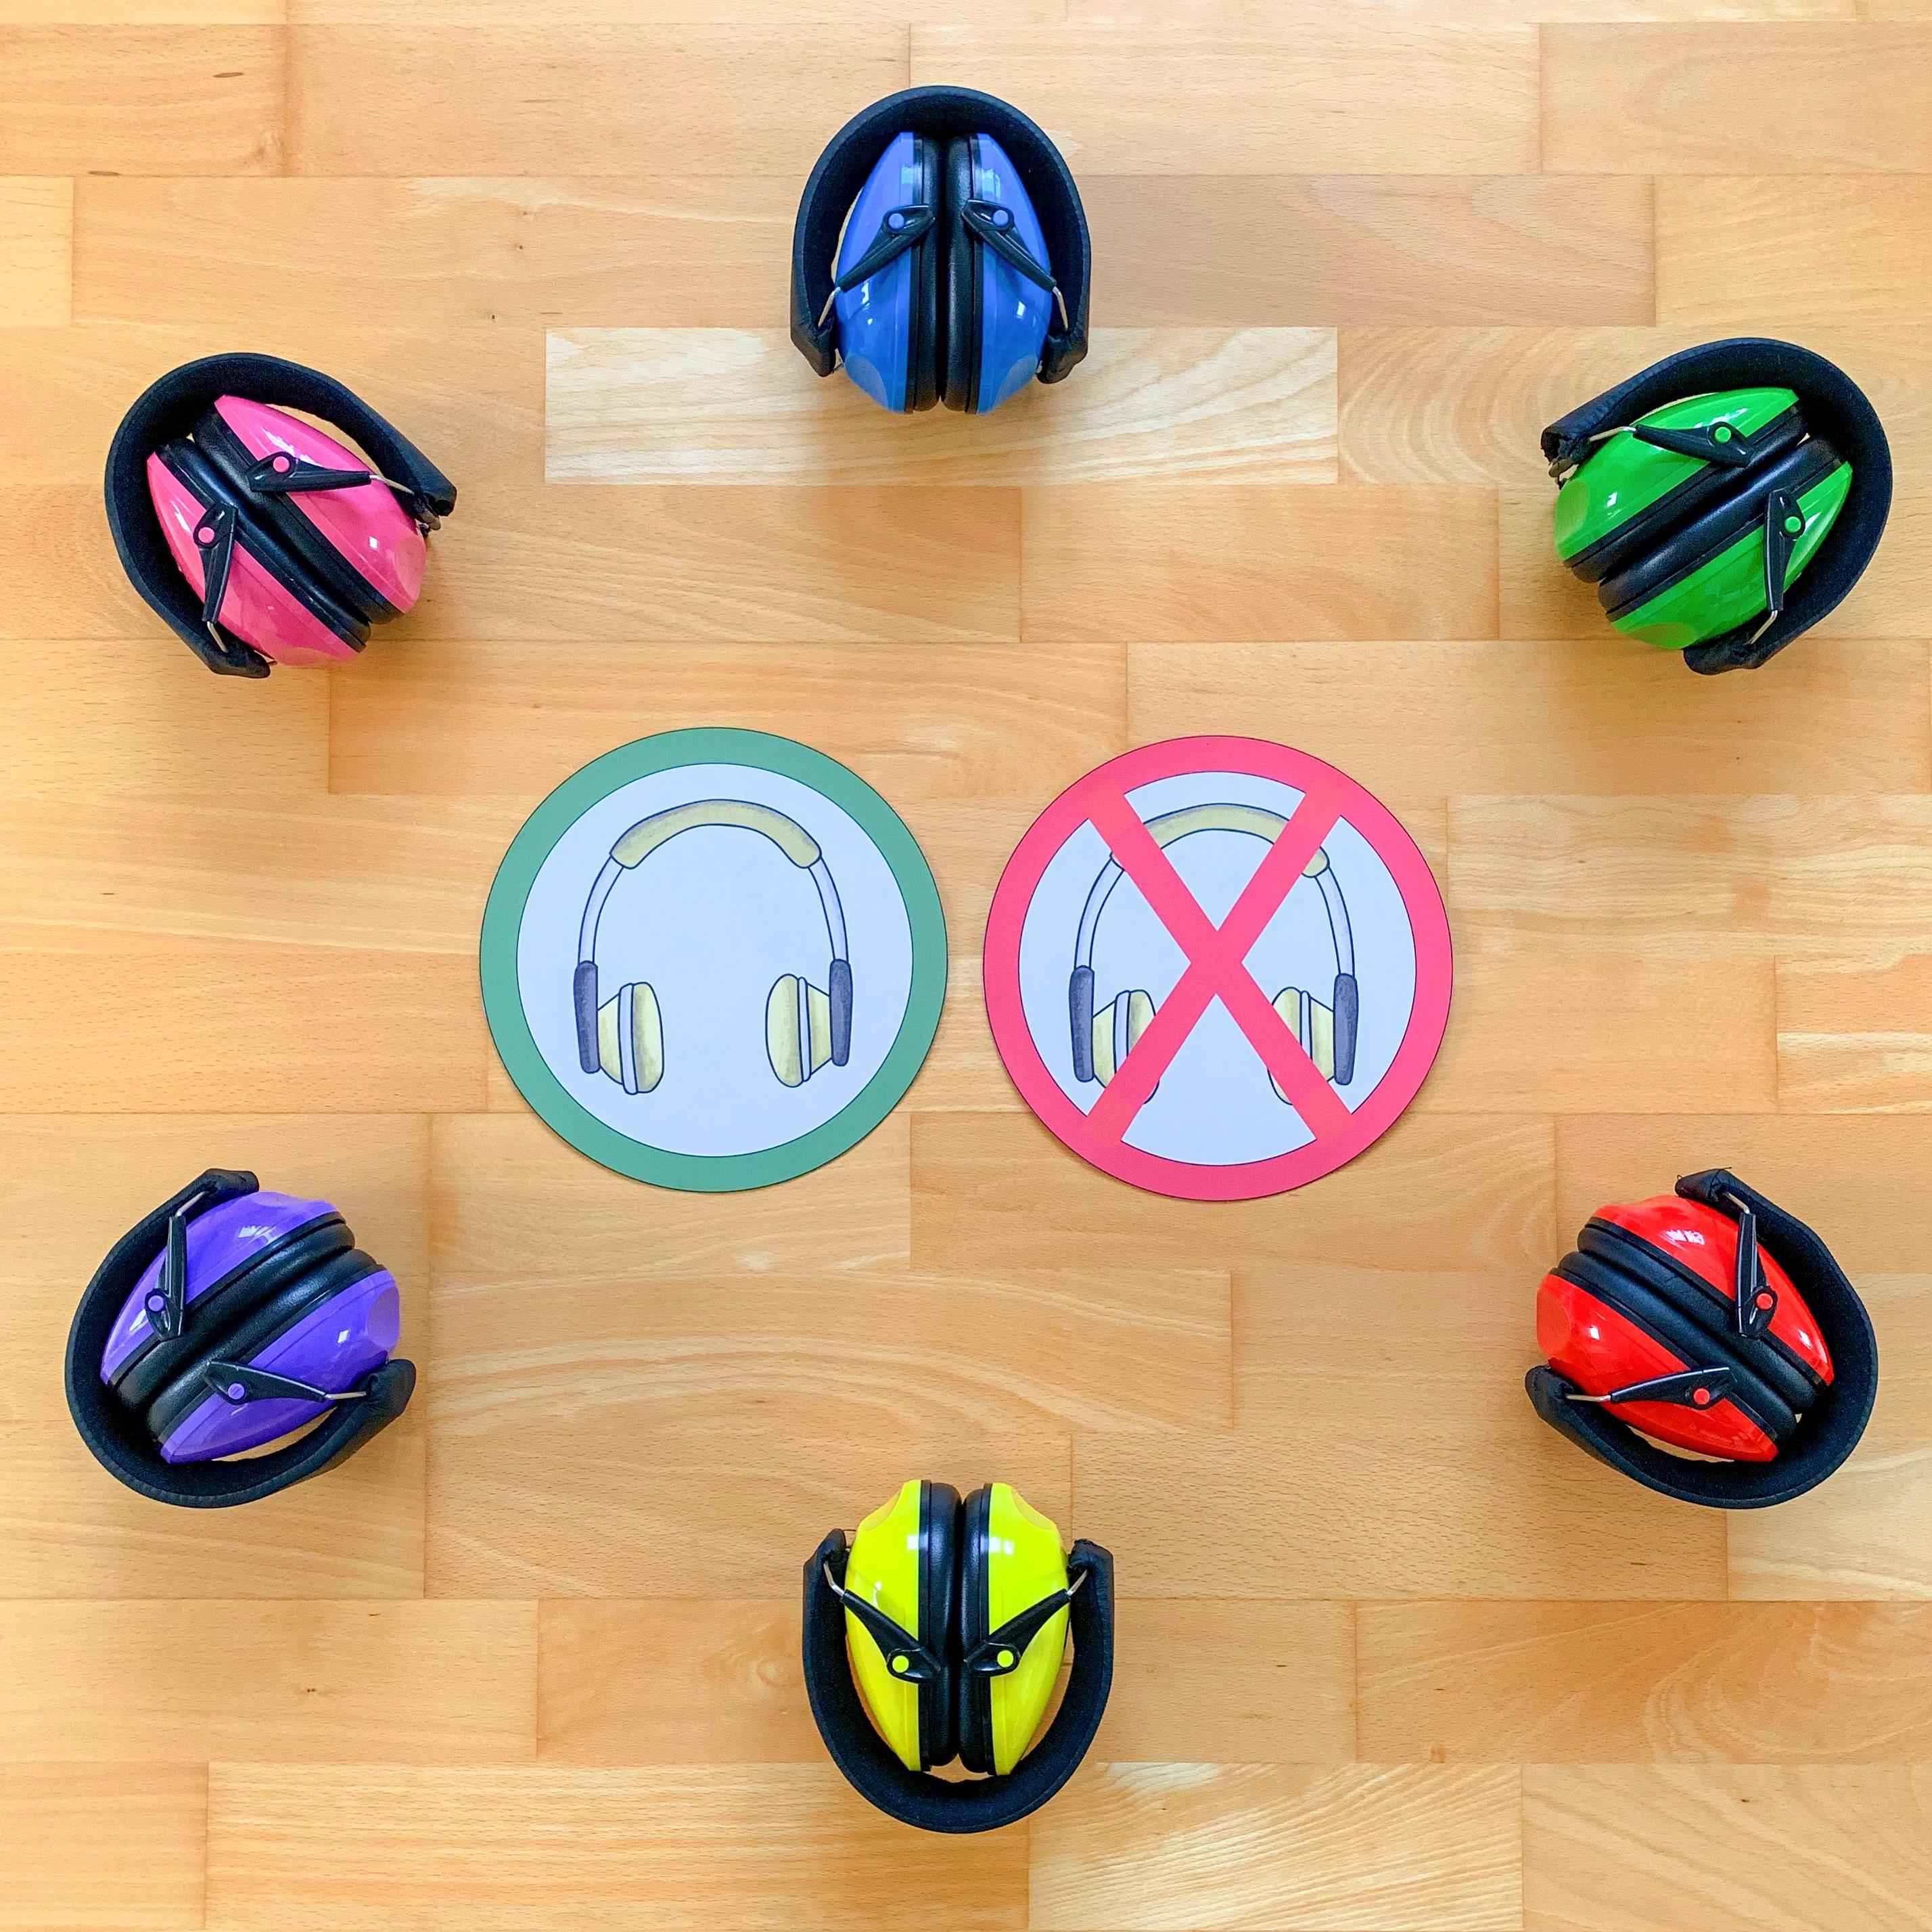 Lärmschutzkopfhörer in der Grundschule